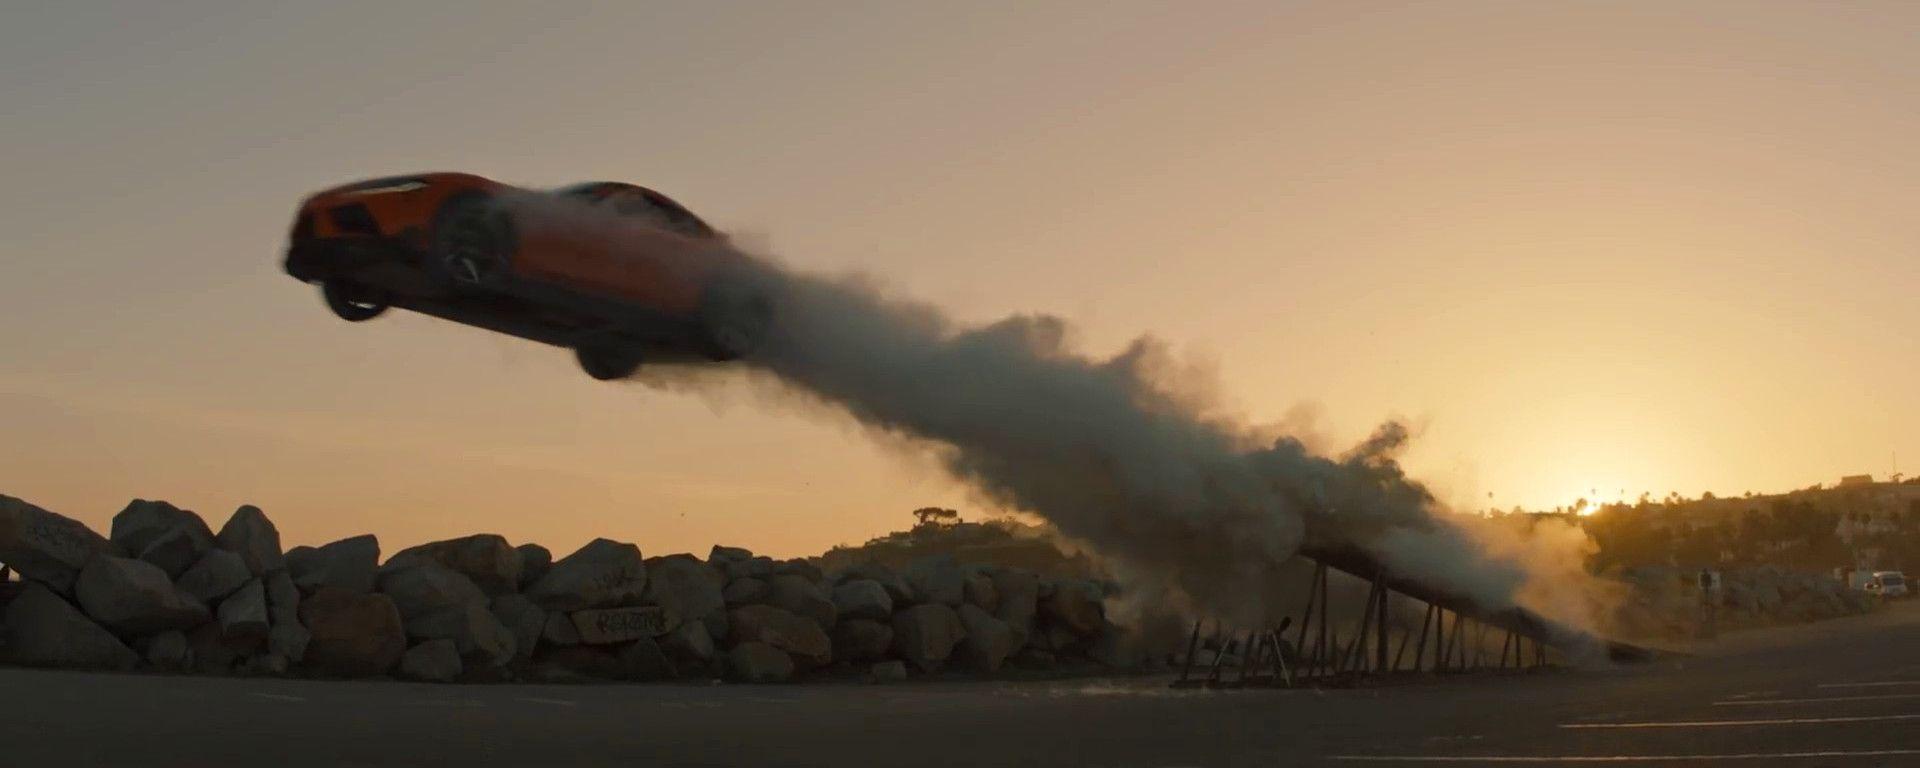 Toyota GR Supra: un frame del video The Pitch